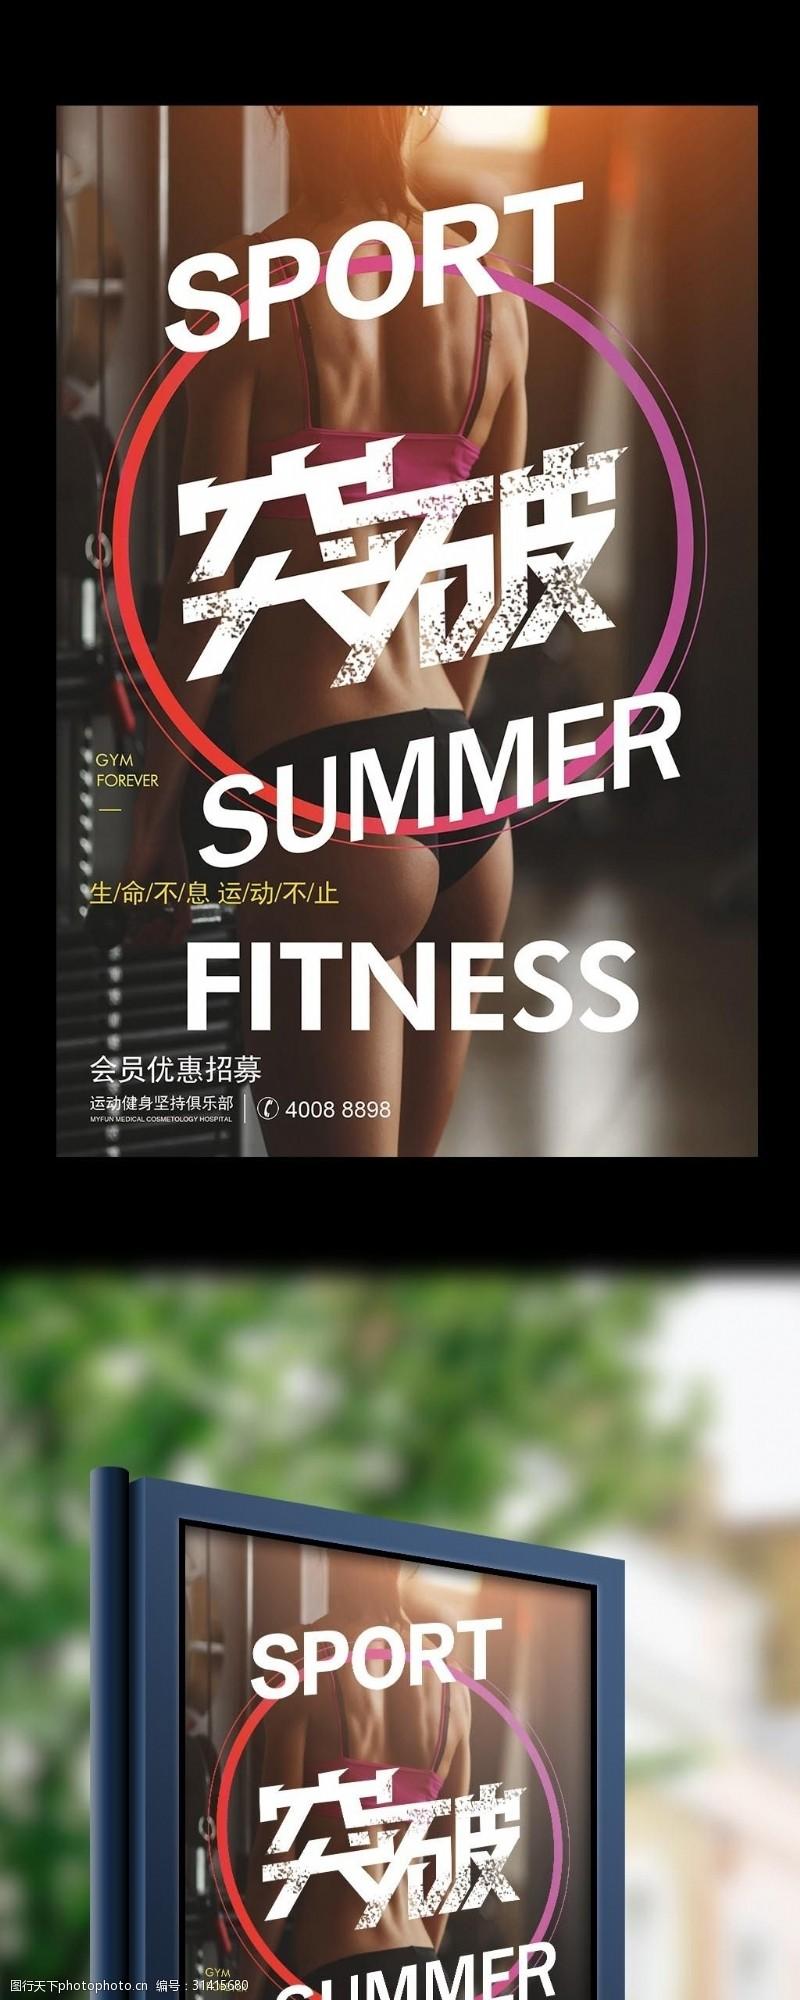 俱乐部宣传海报秋季健身海报设计